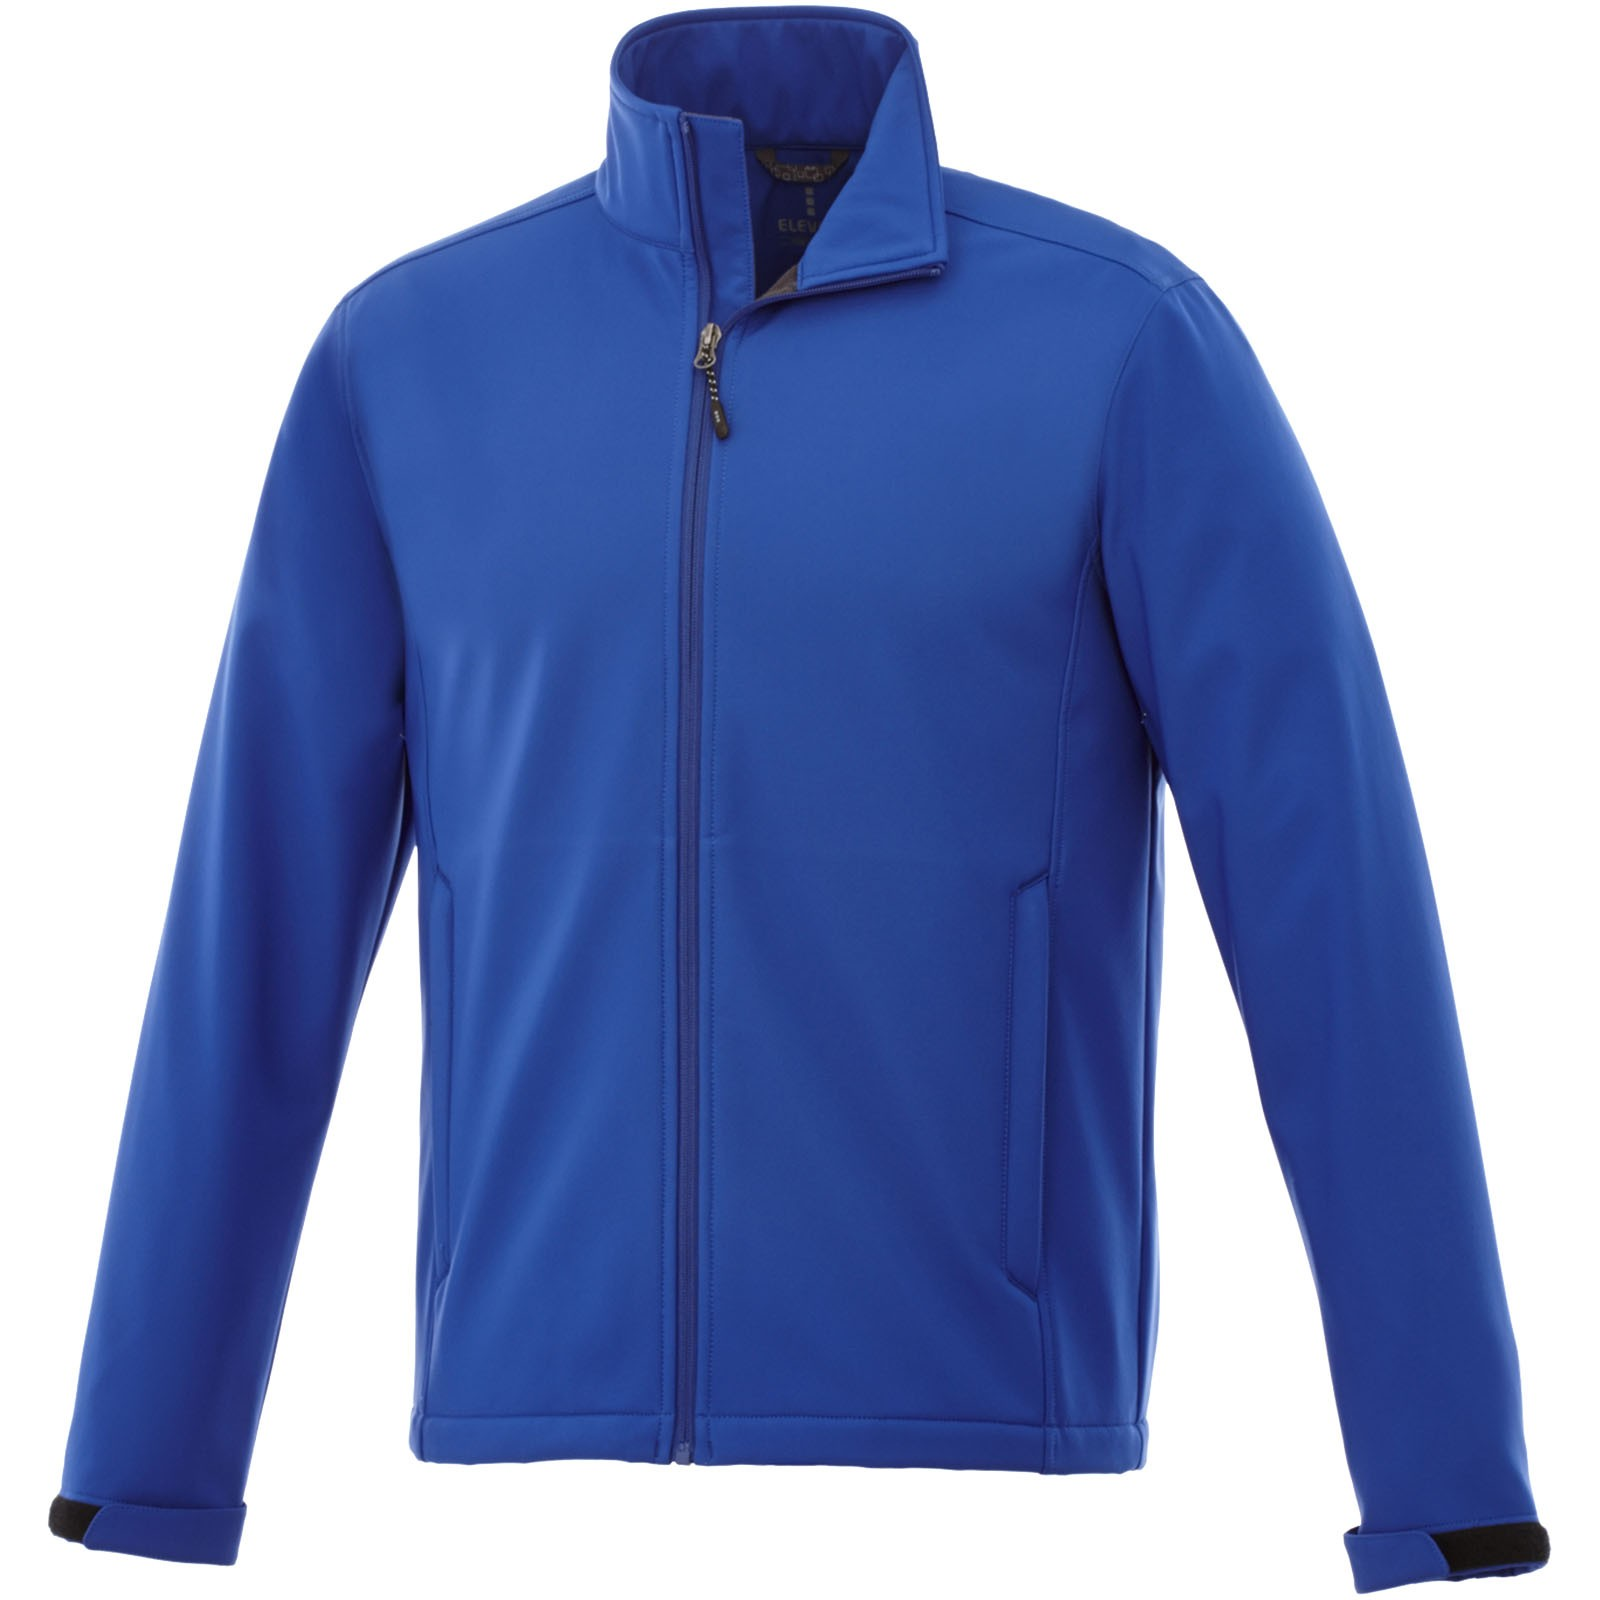 Softshellová bunda Maxson - Klasická královská modrá / XL